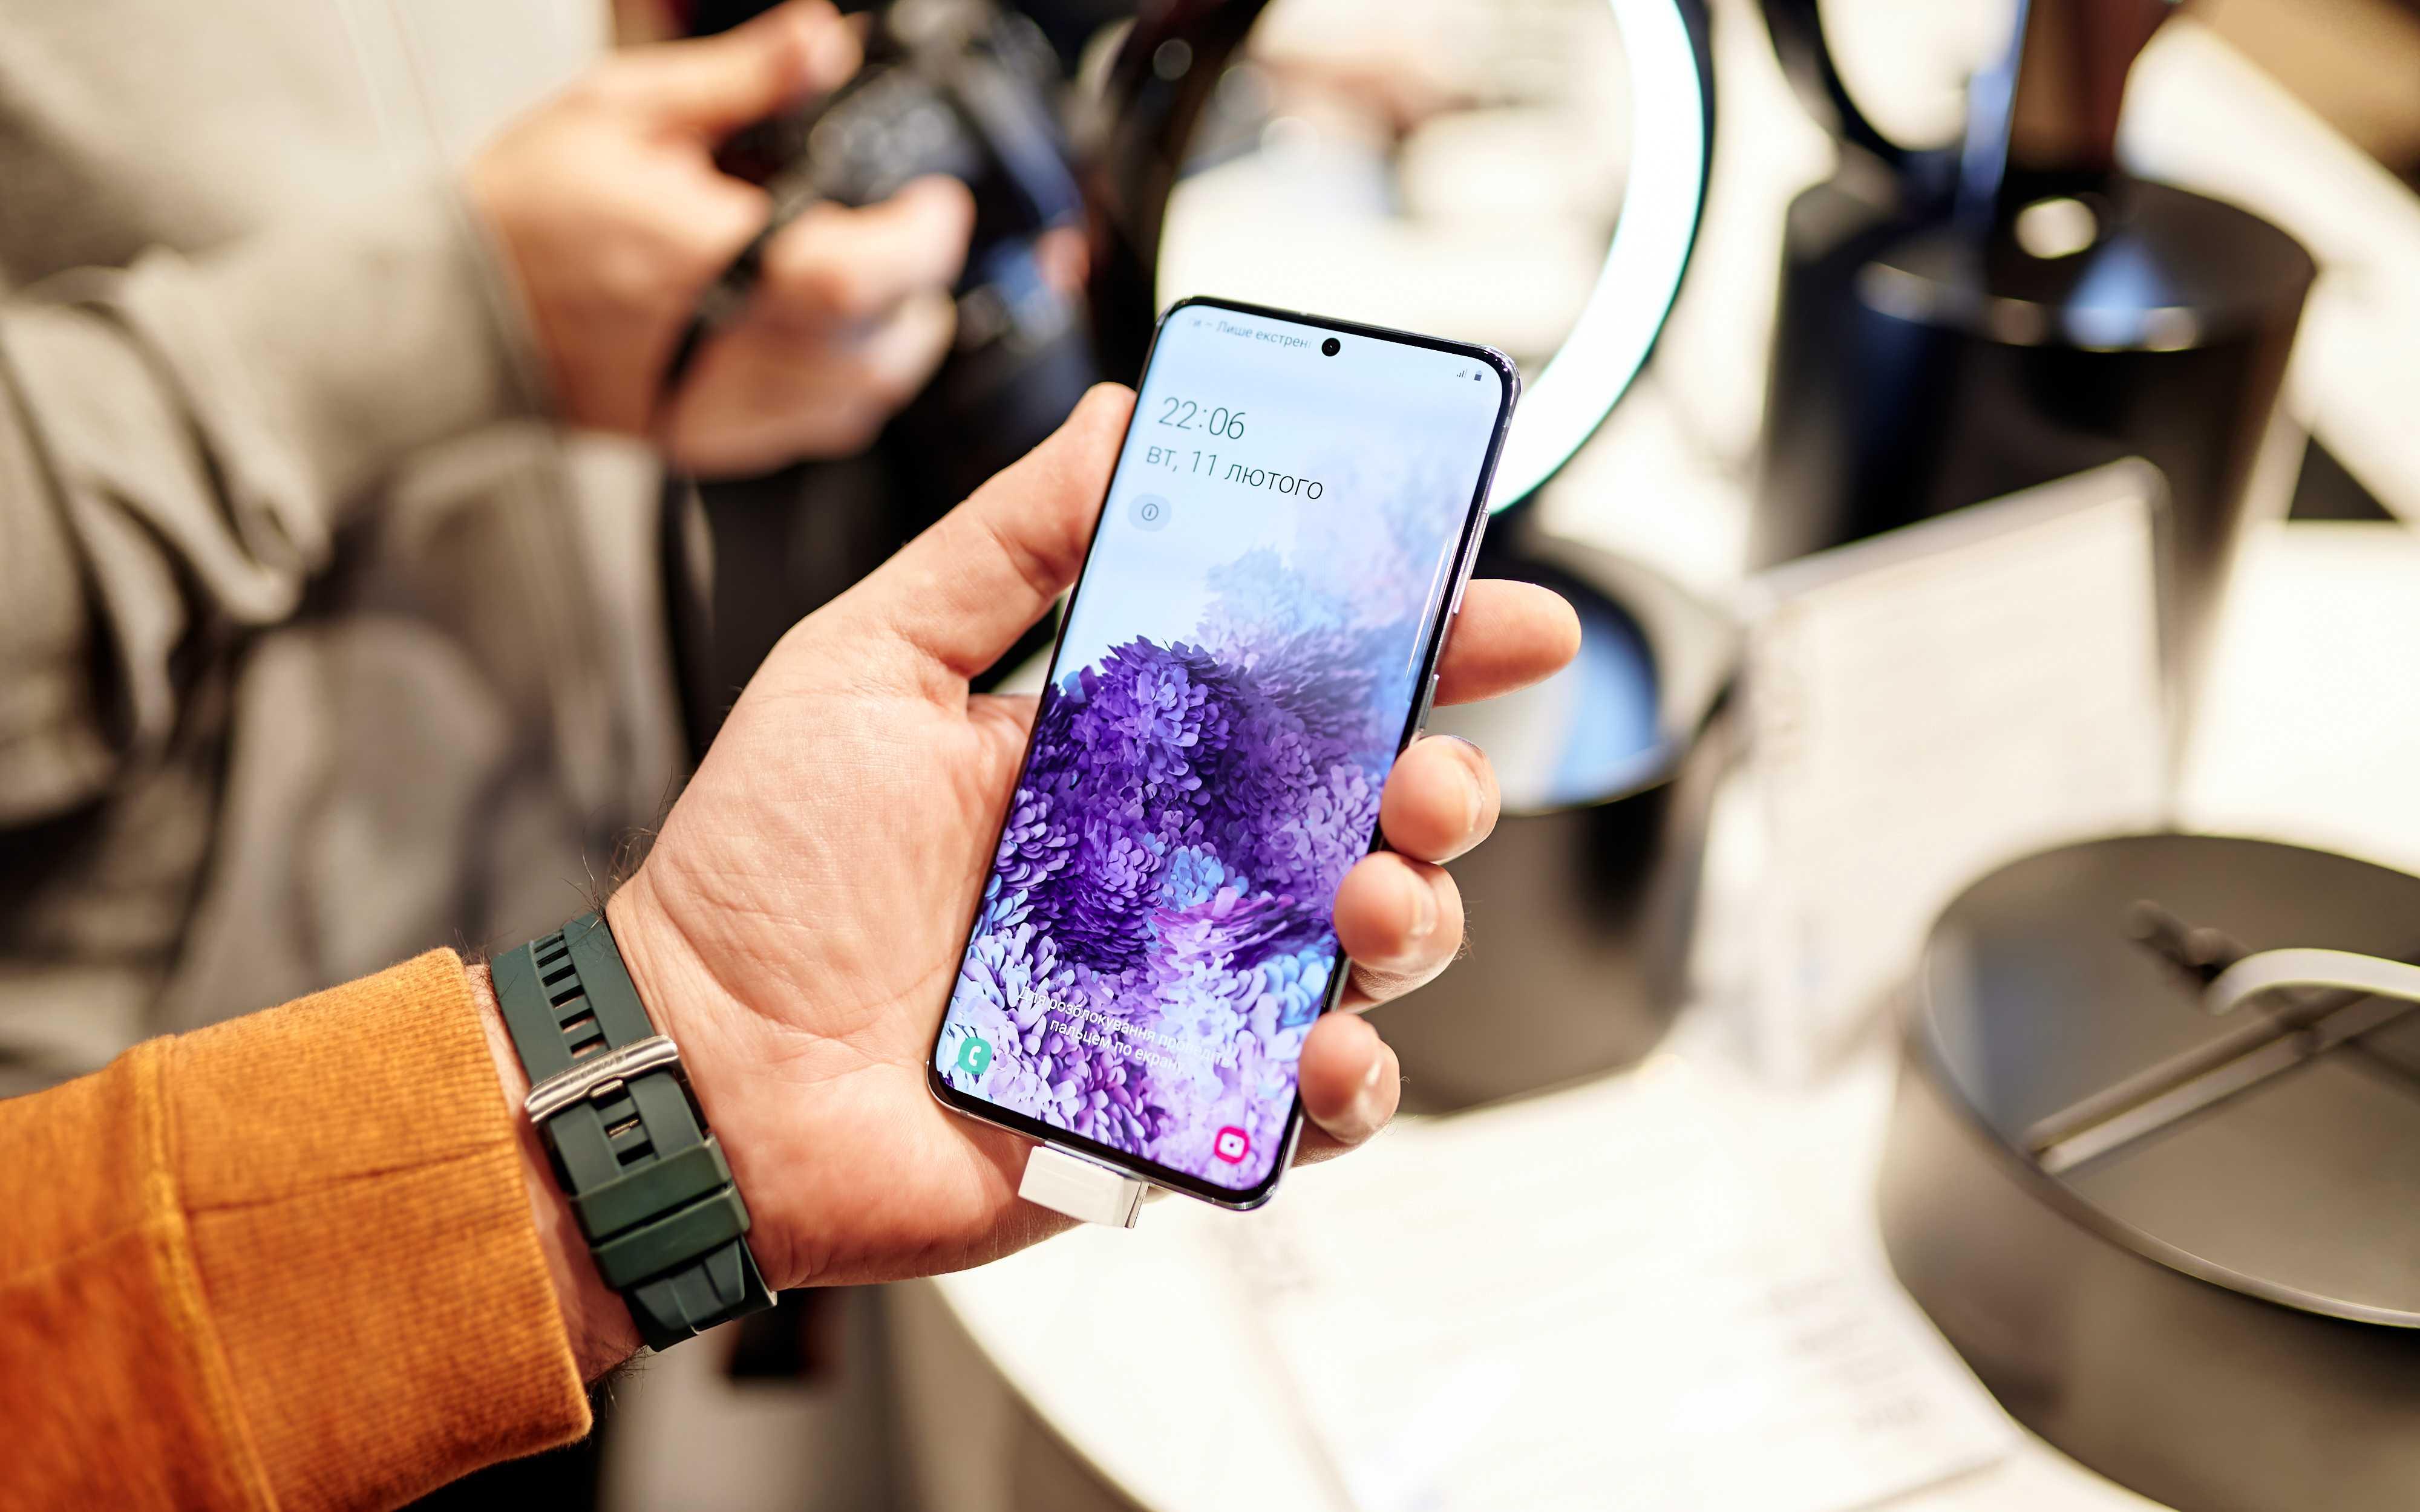 В россии начались продажи суперфлагманских смартфонов и премиальных планшетов samsung. видео